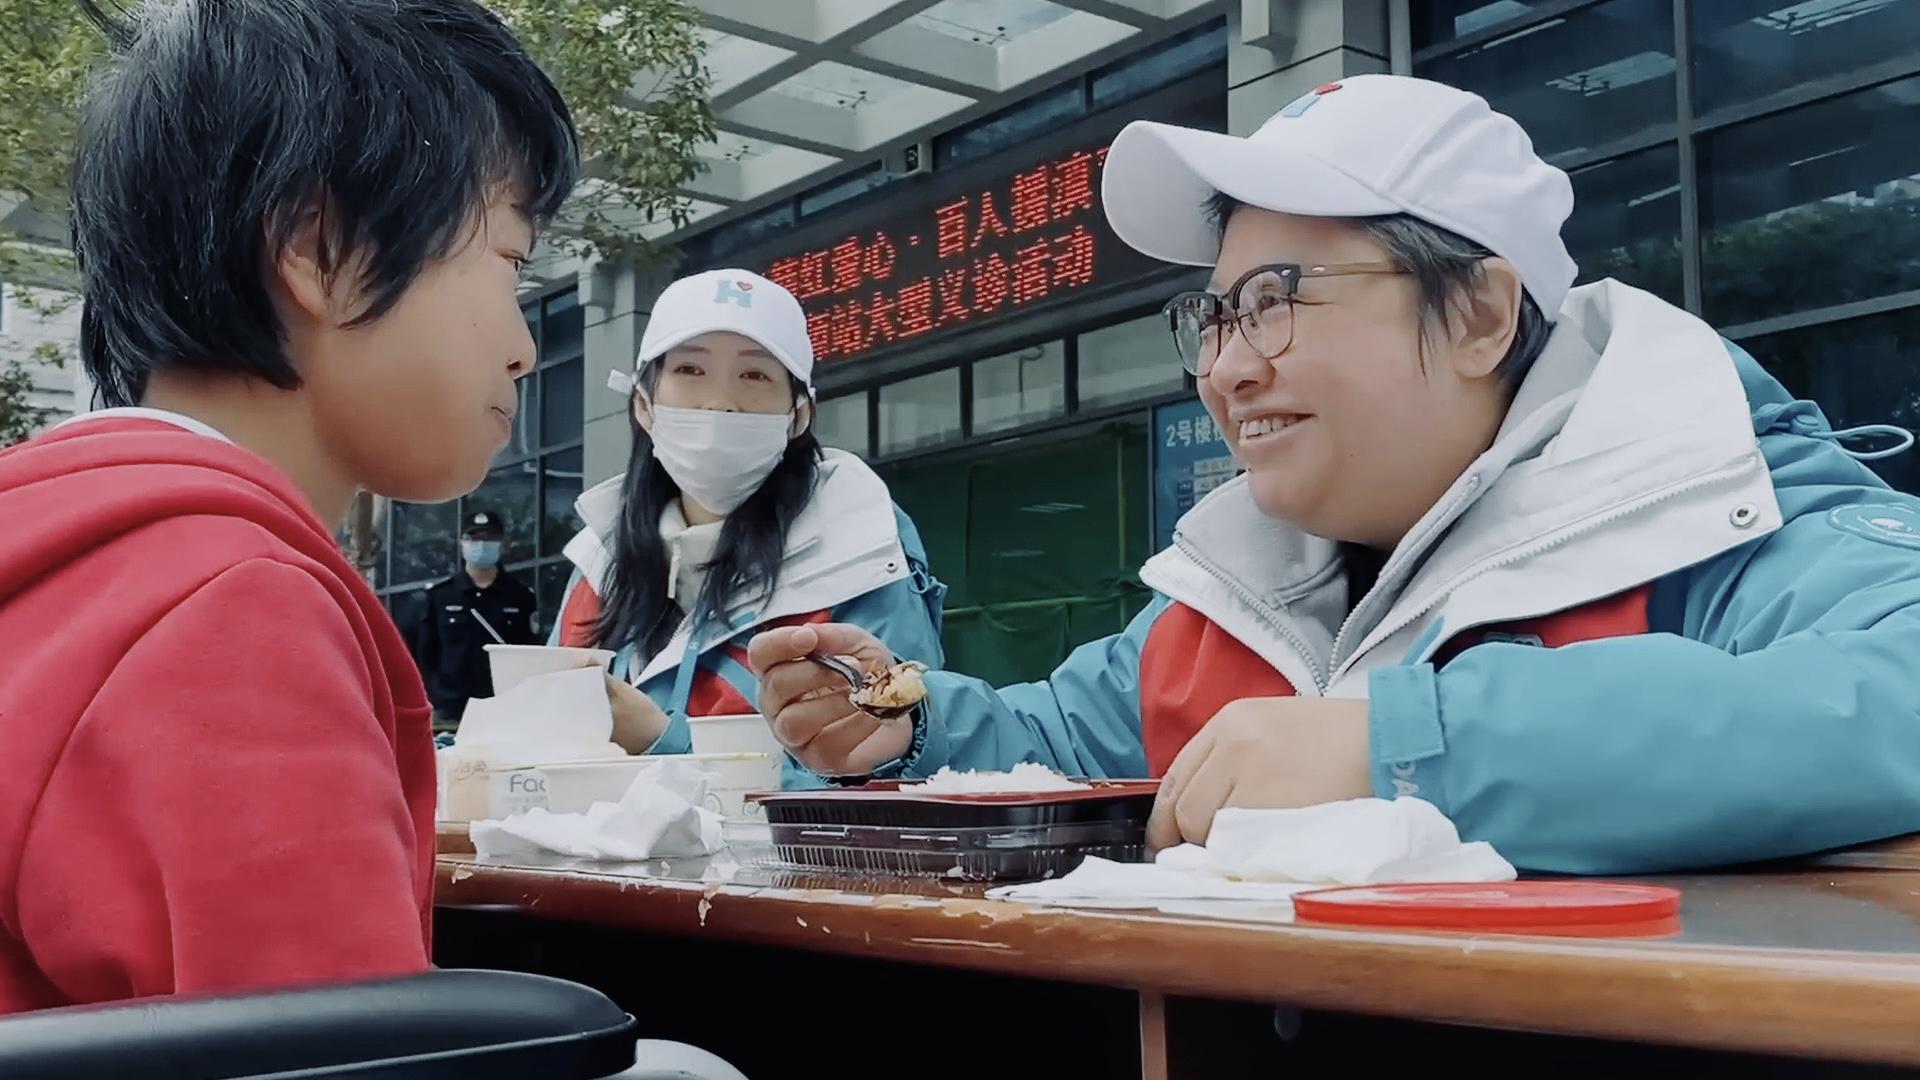 湖南卫视《一诺十年·韩红爱心百人援滇》穿越山河求爱